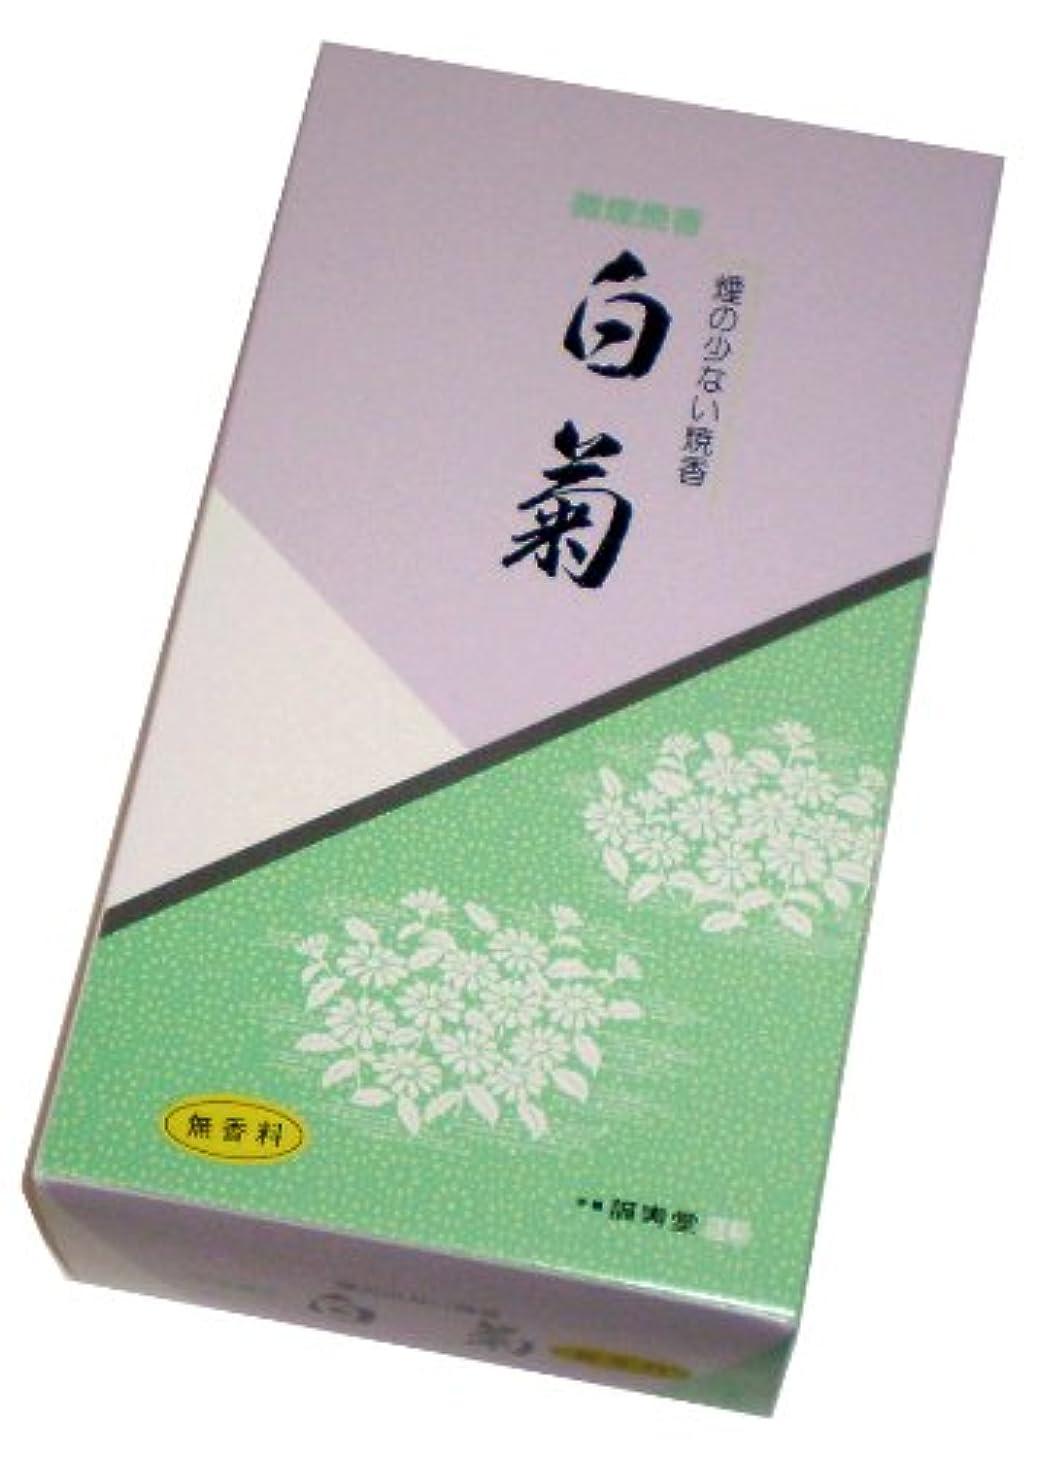 手数料怒ってトリプル誠寿堂のお線香 微煙焼香 白菊(無香料)500g #FN21